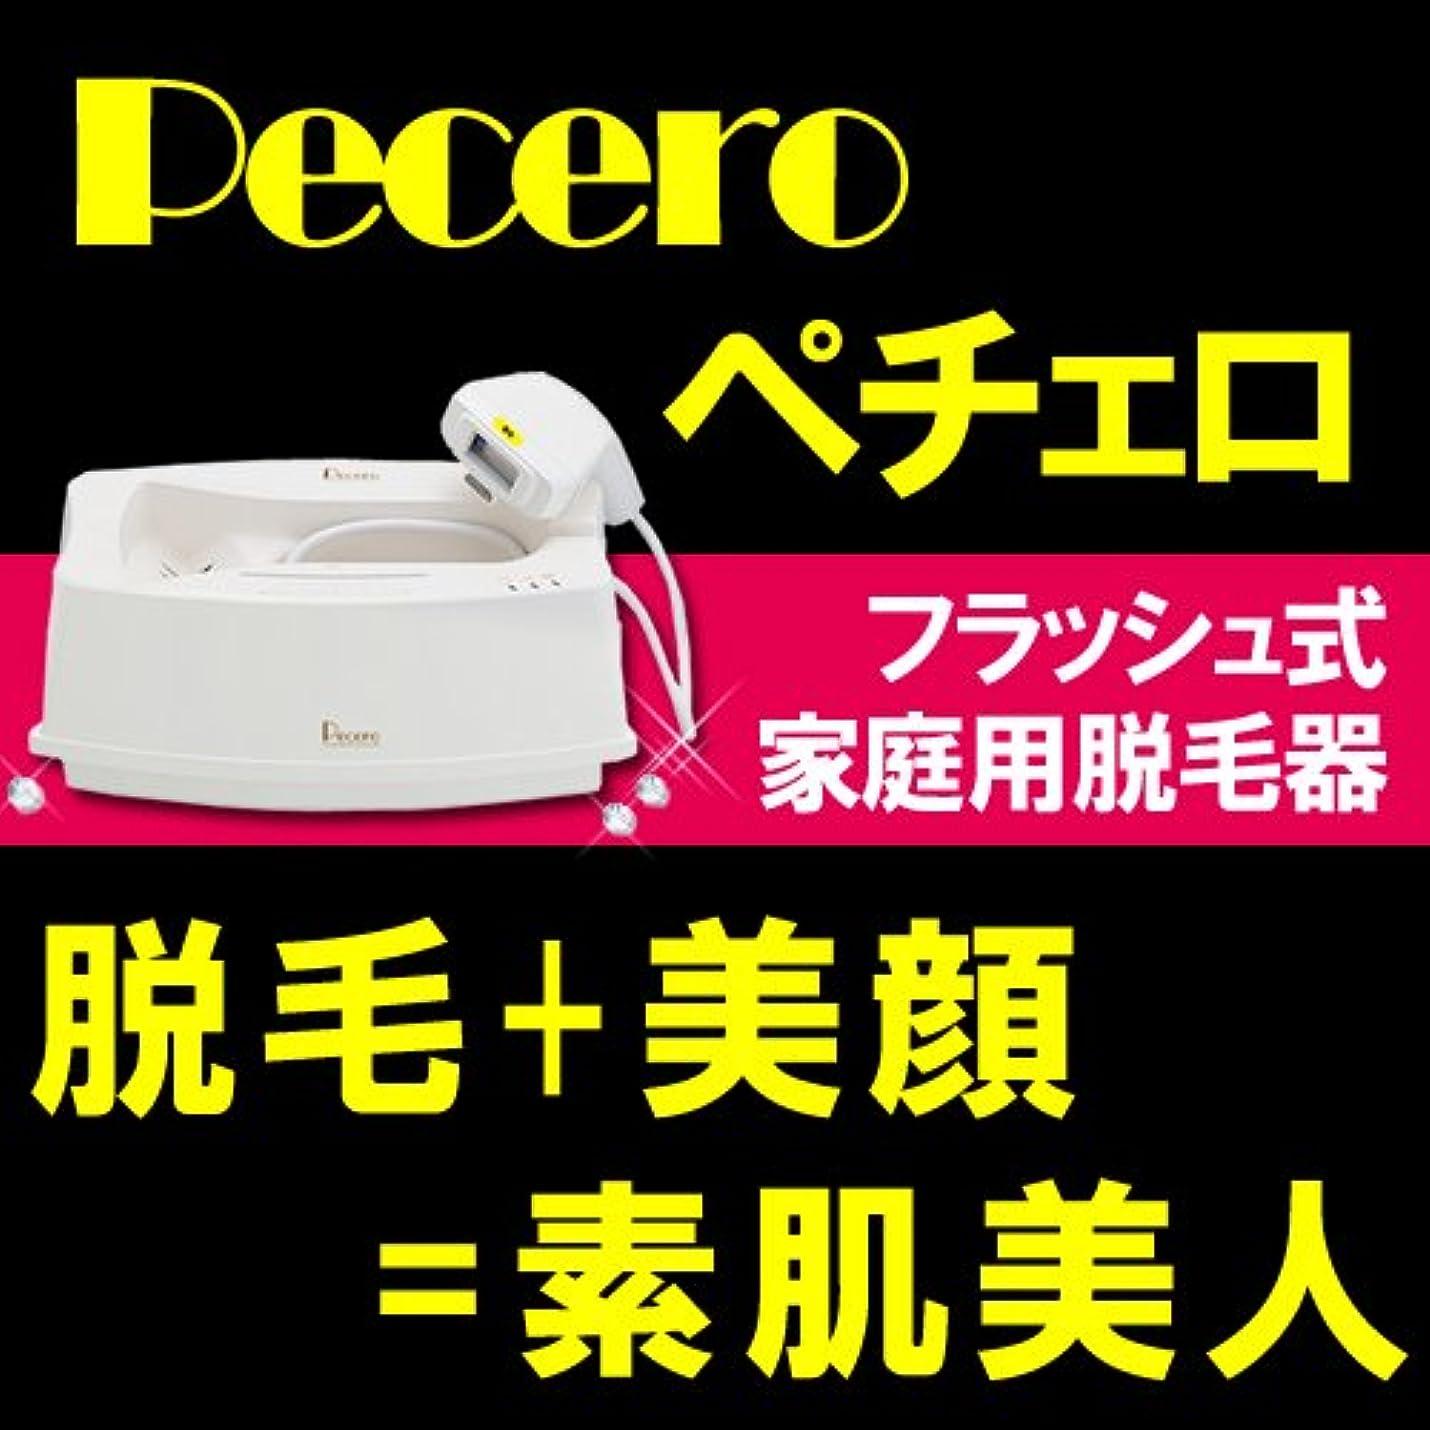 気をつけて賞賛するハック家庭用脱毛器ペチェロ(pecero)